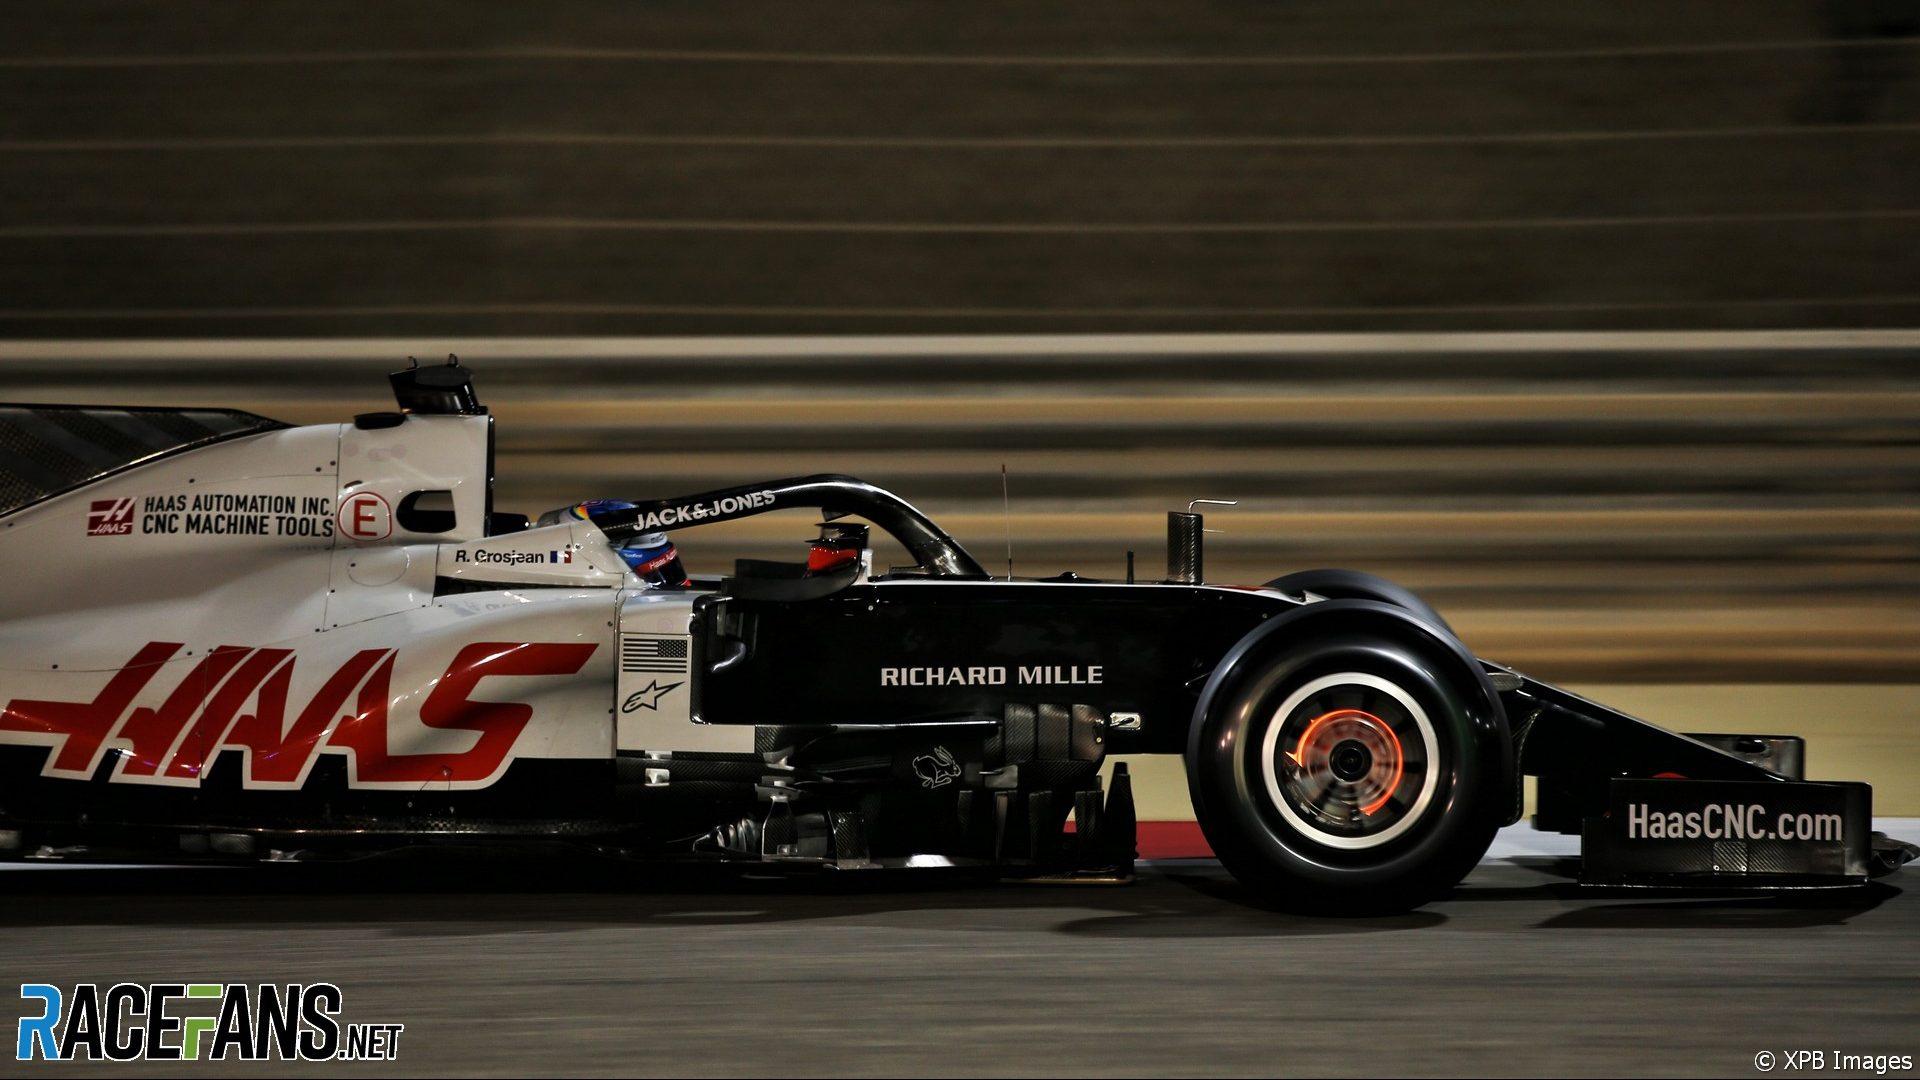 F1: Vozači hvale spasonosnu sigurnosnu šipku koju su kritizirali kad je uvedena